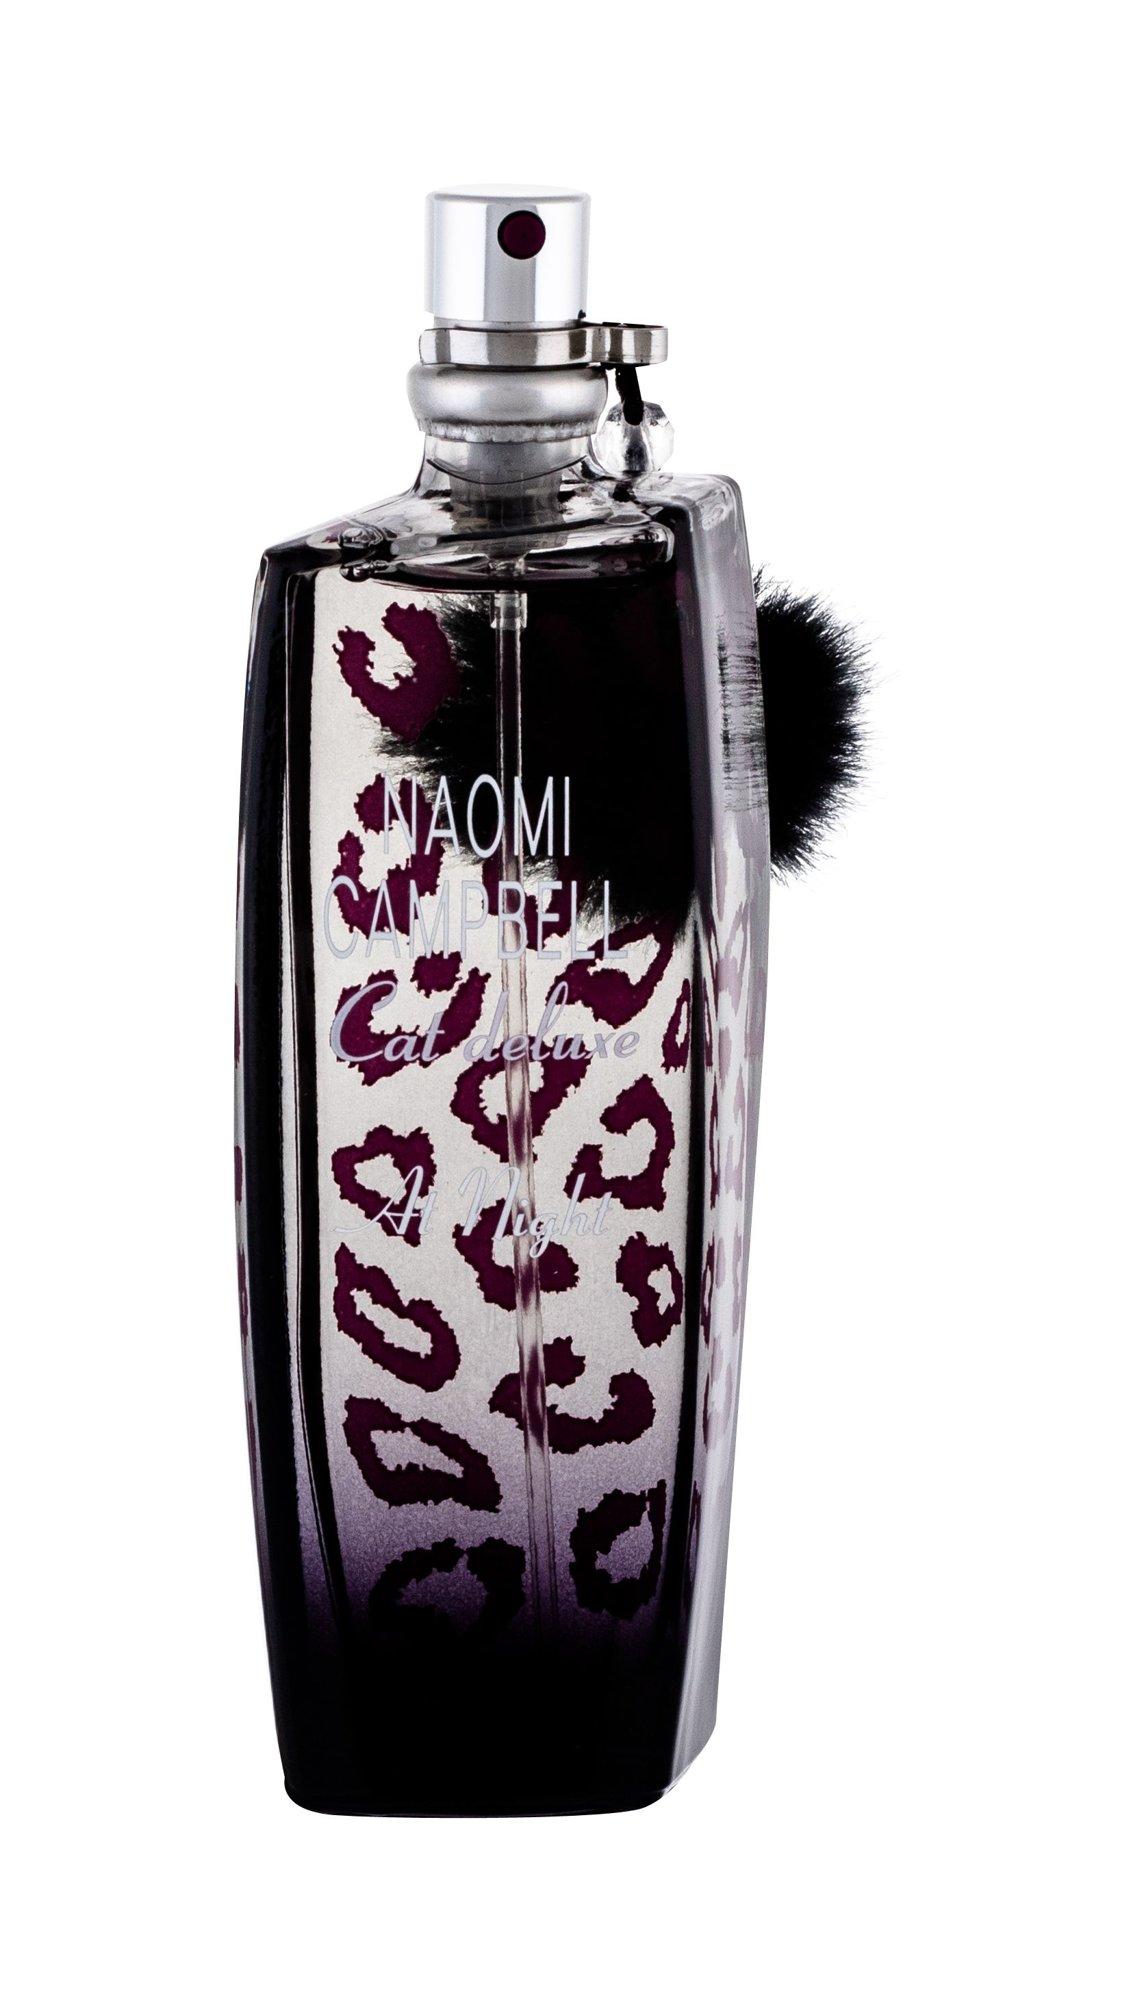 Naomi Campbell Cat Deluxe Eau de Toilette 30ml